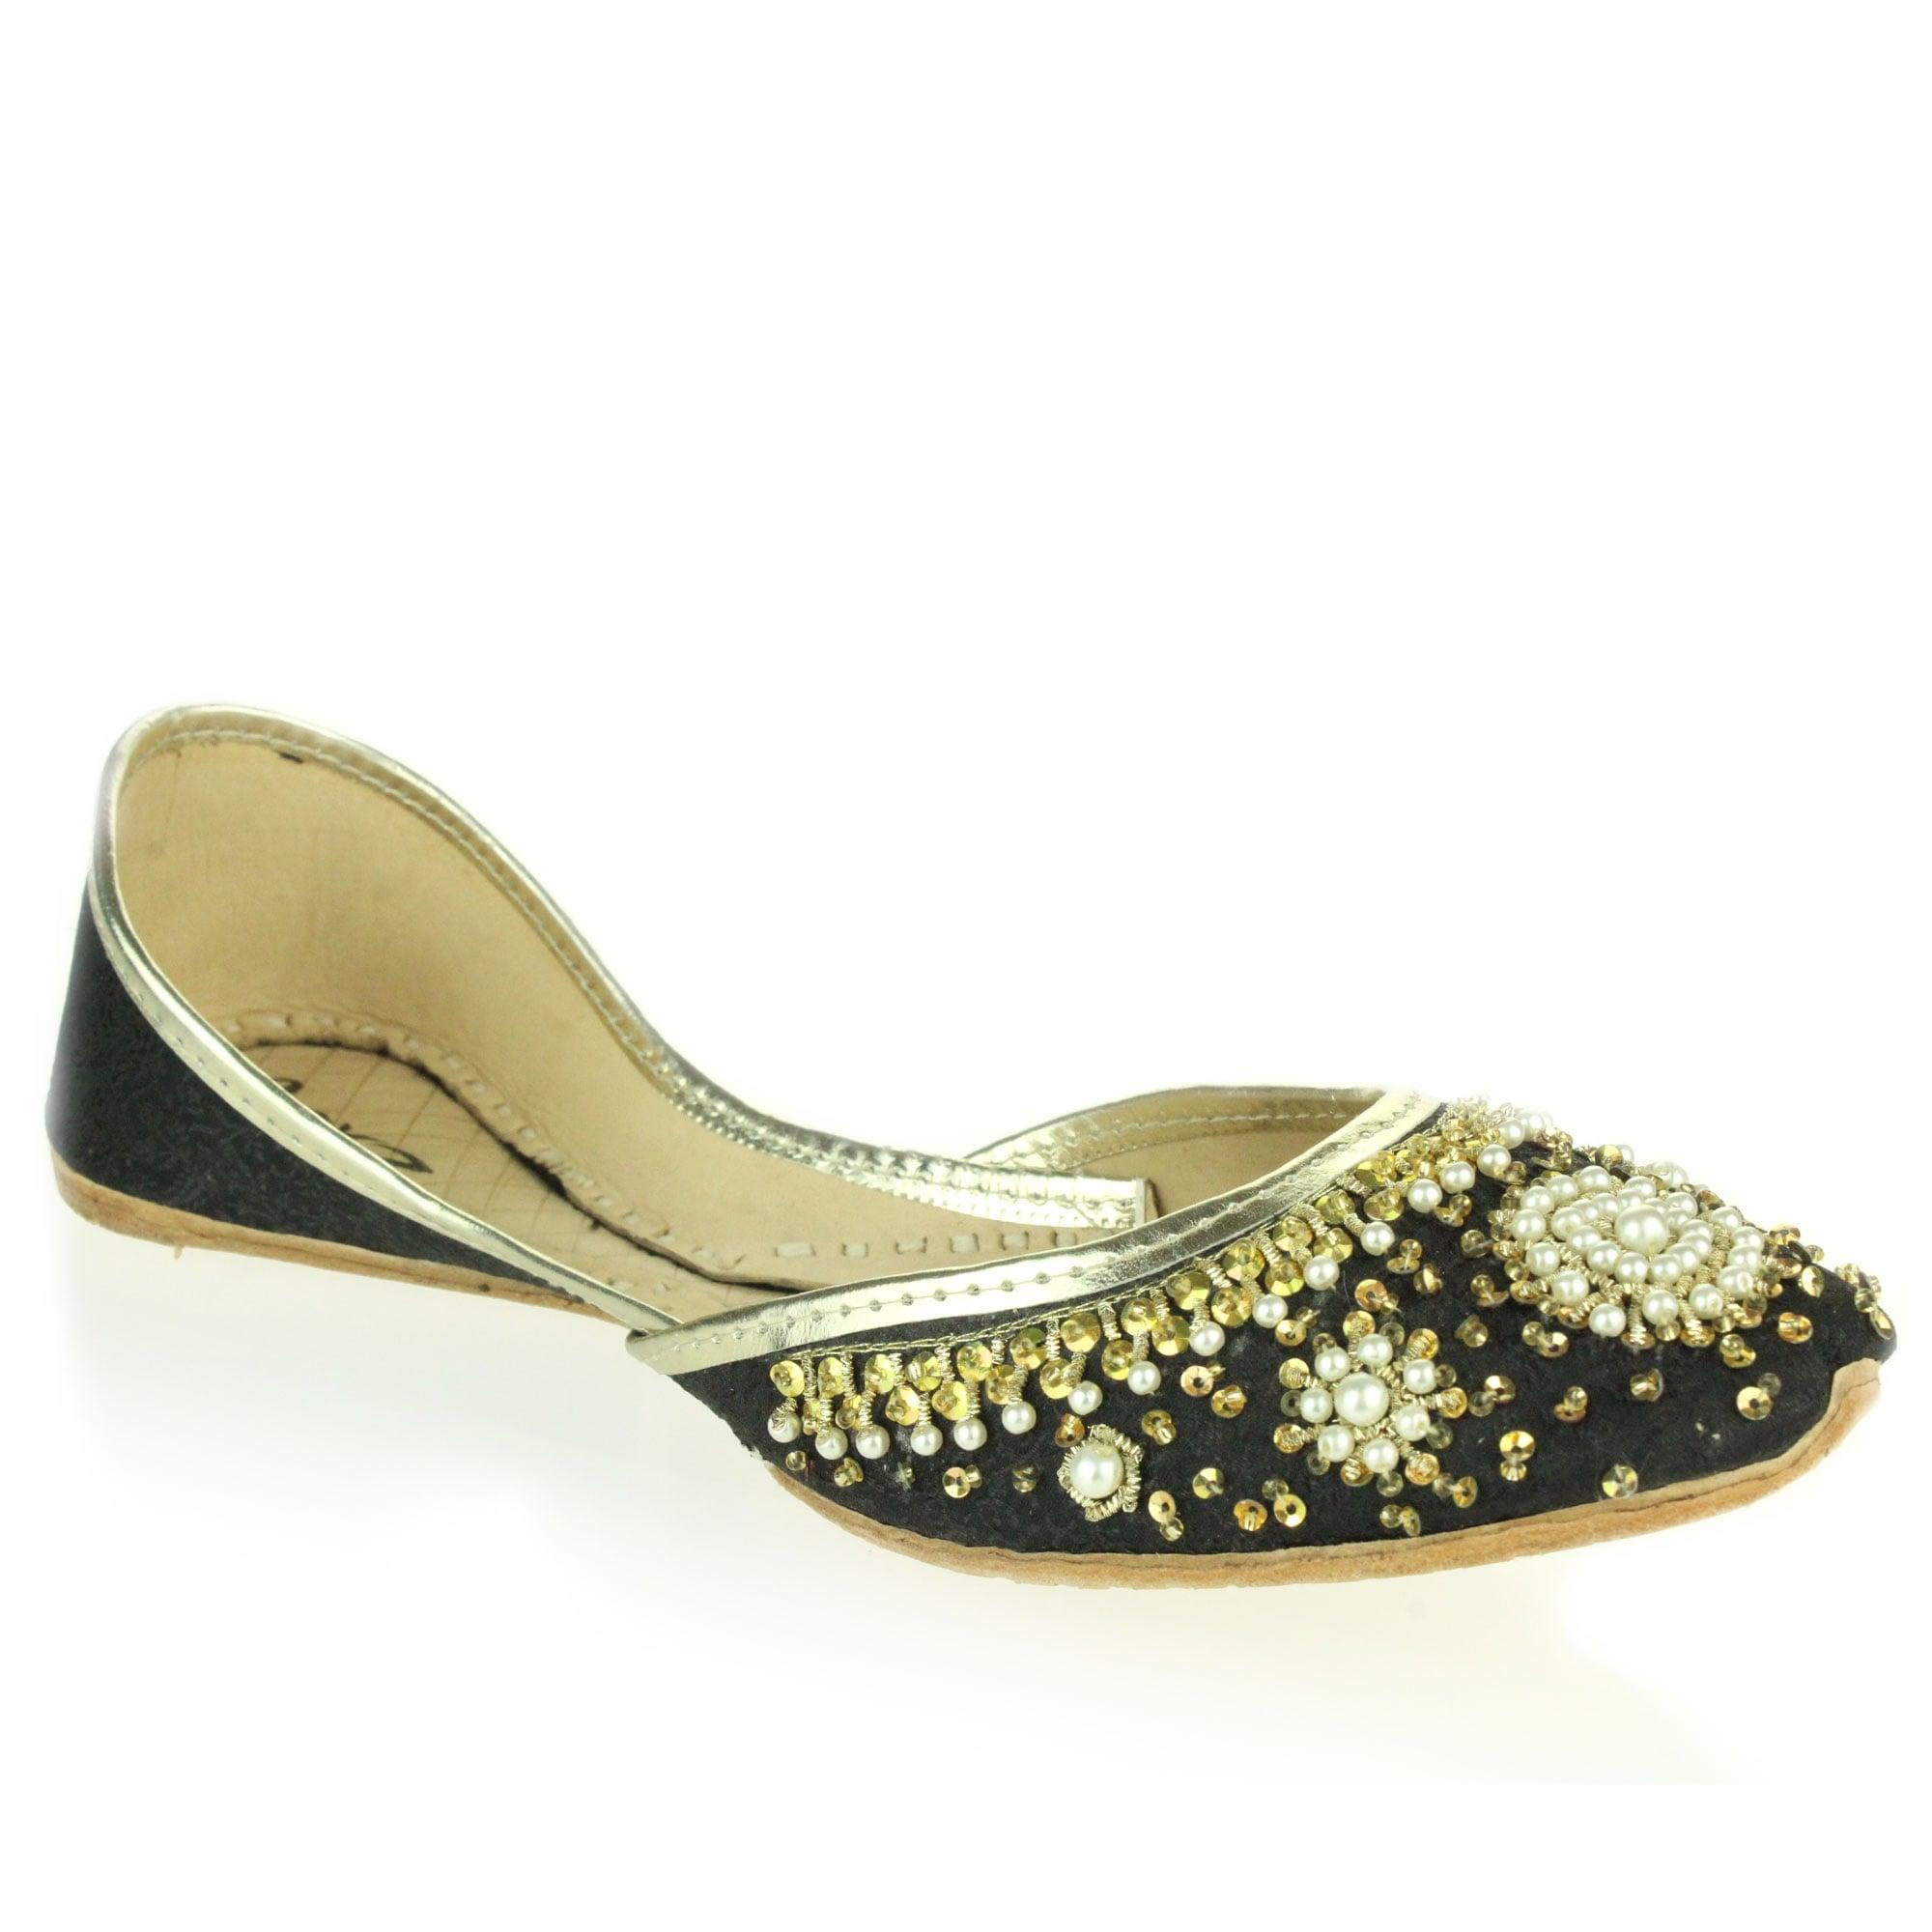 Ladies Khussa Shoes Uk